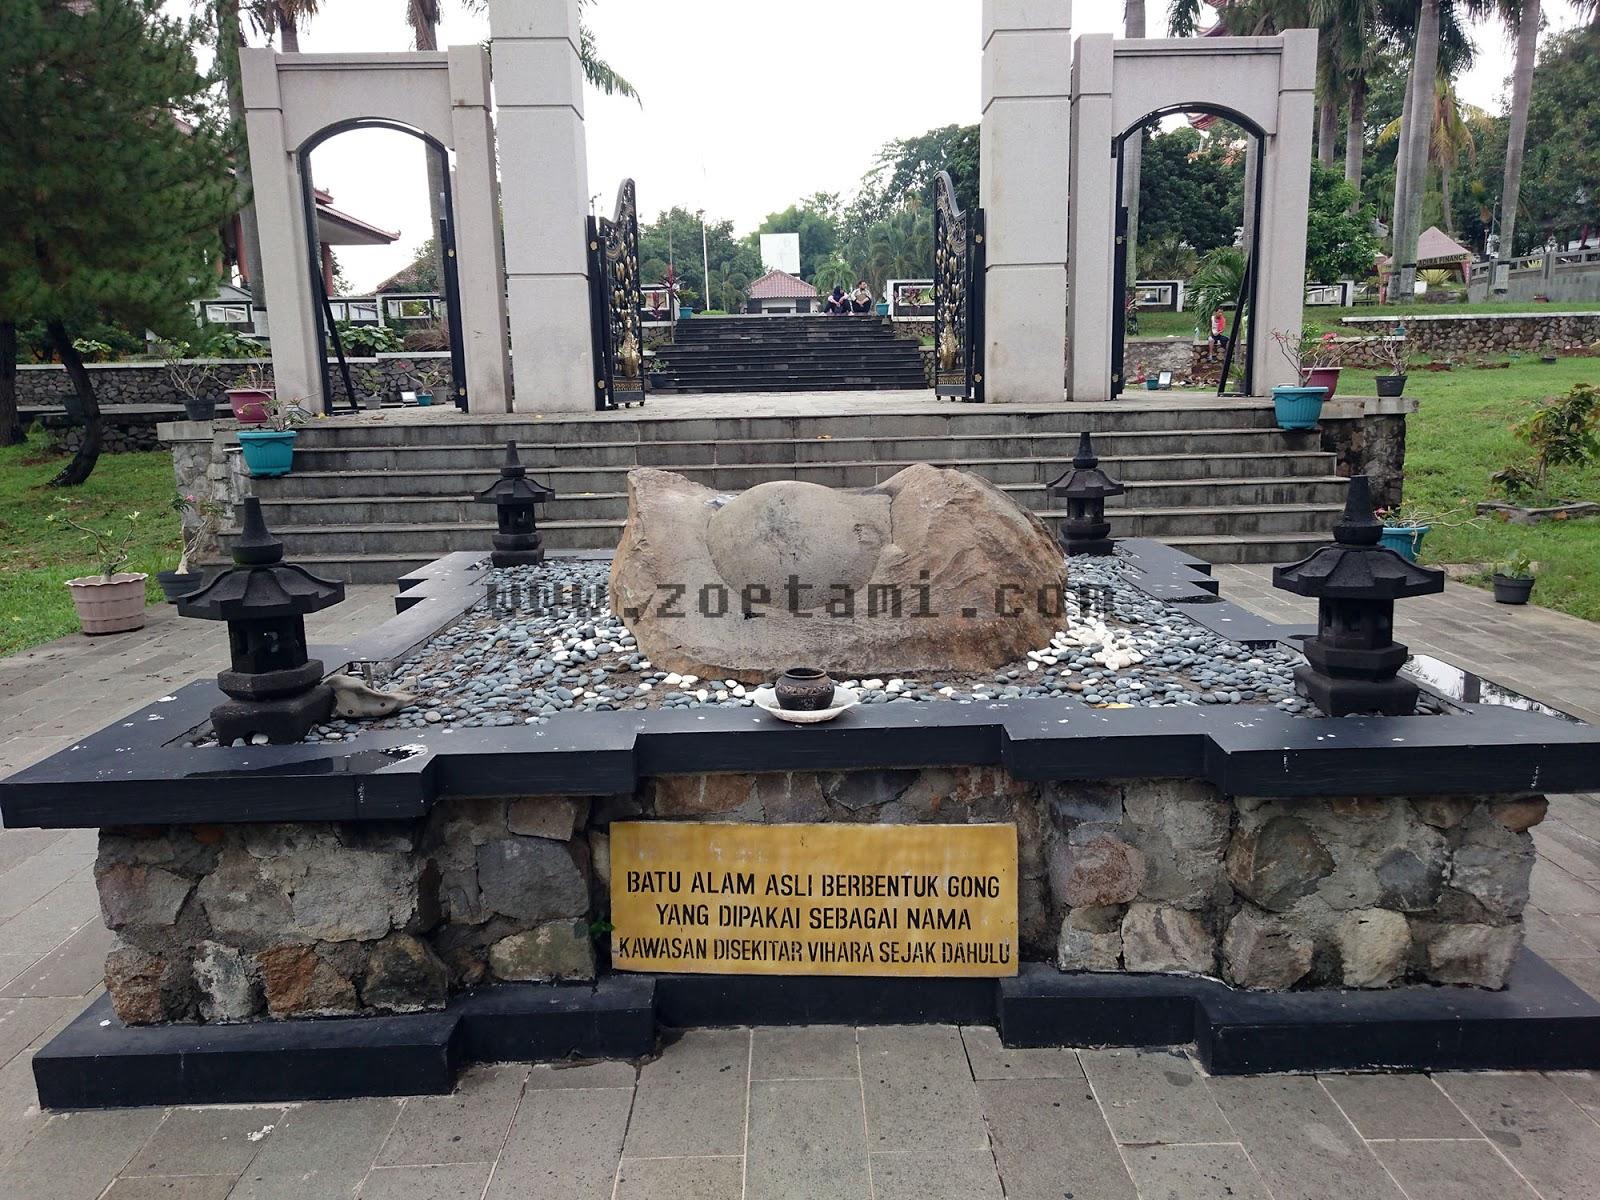 Wisata Religi Lintas Agama di Semarang